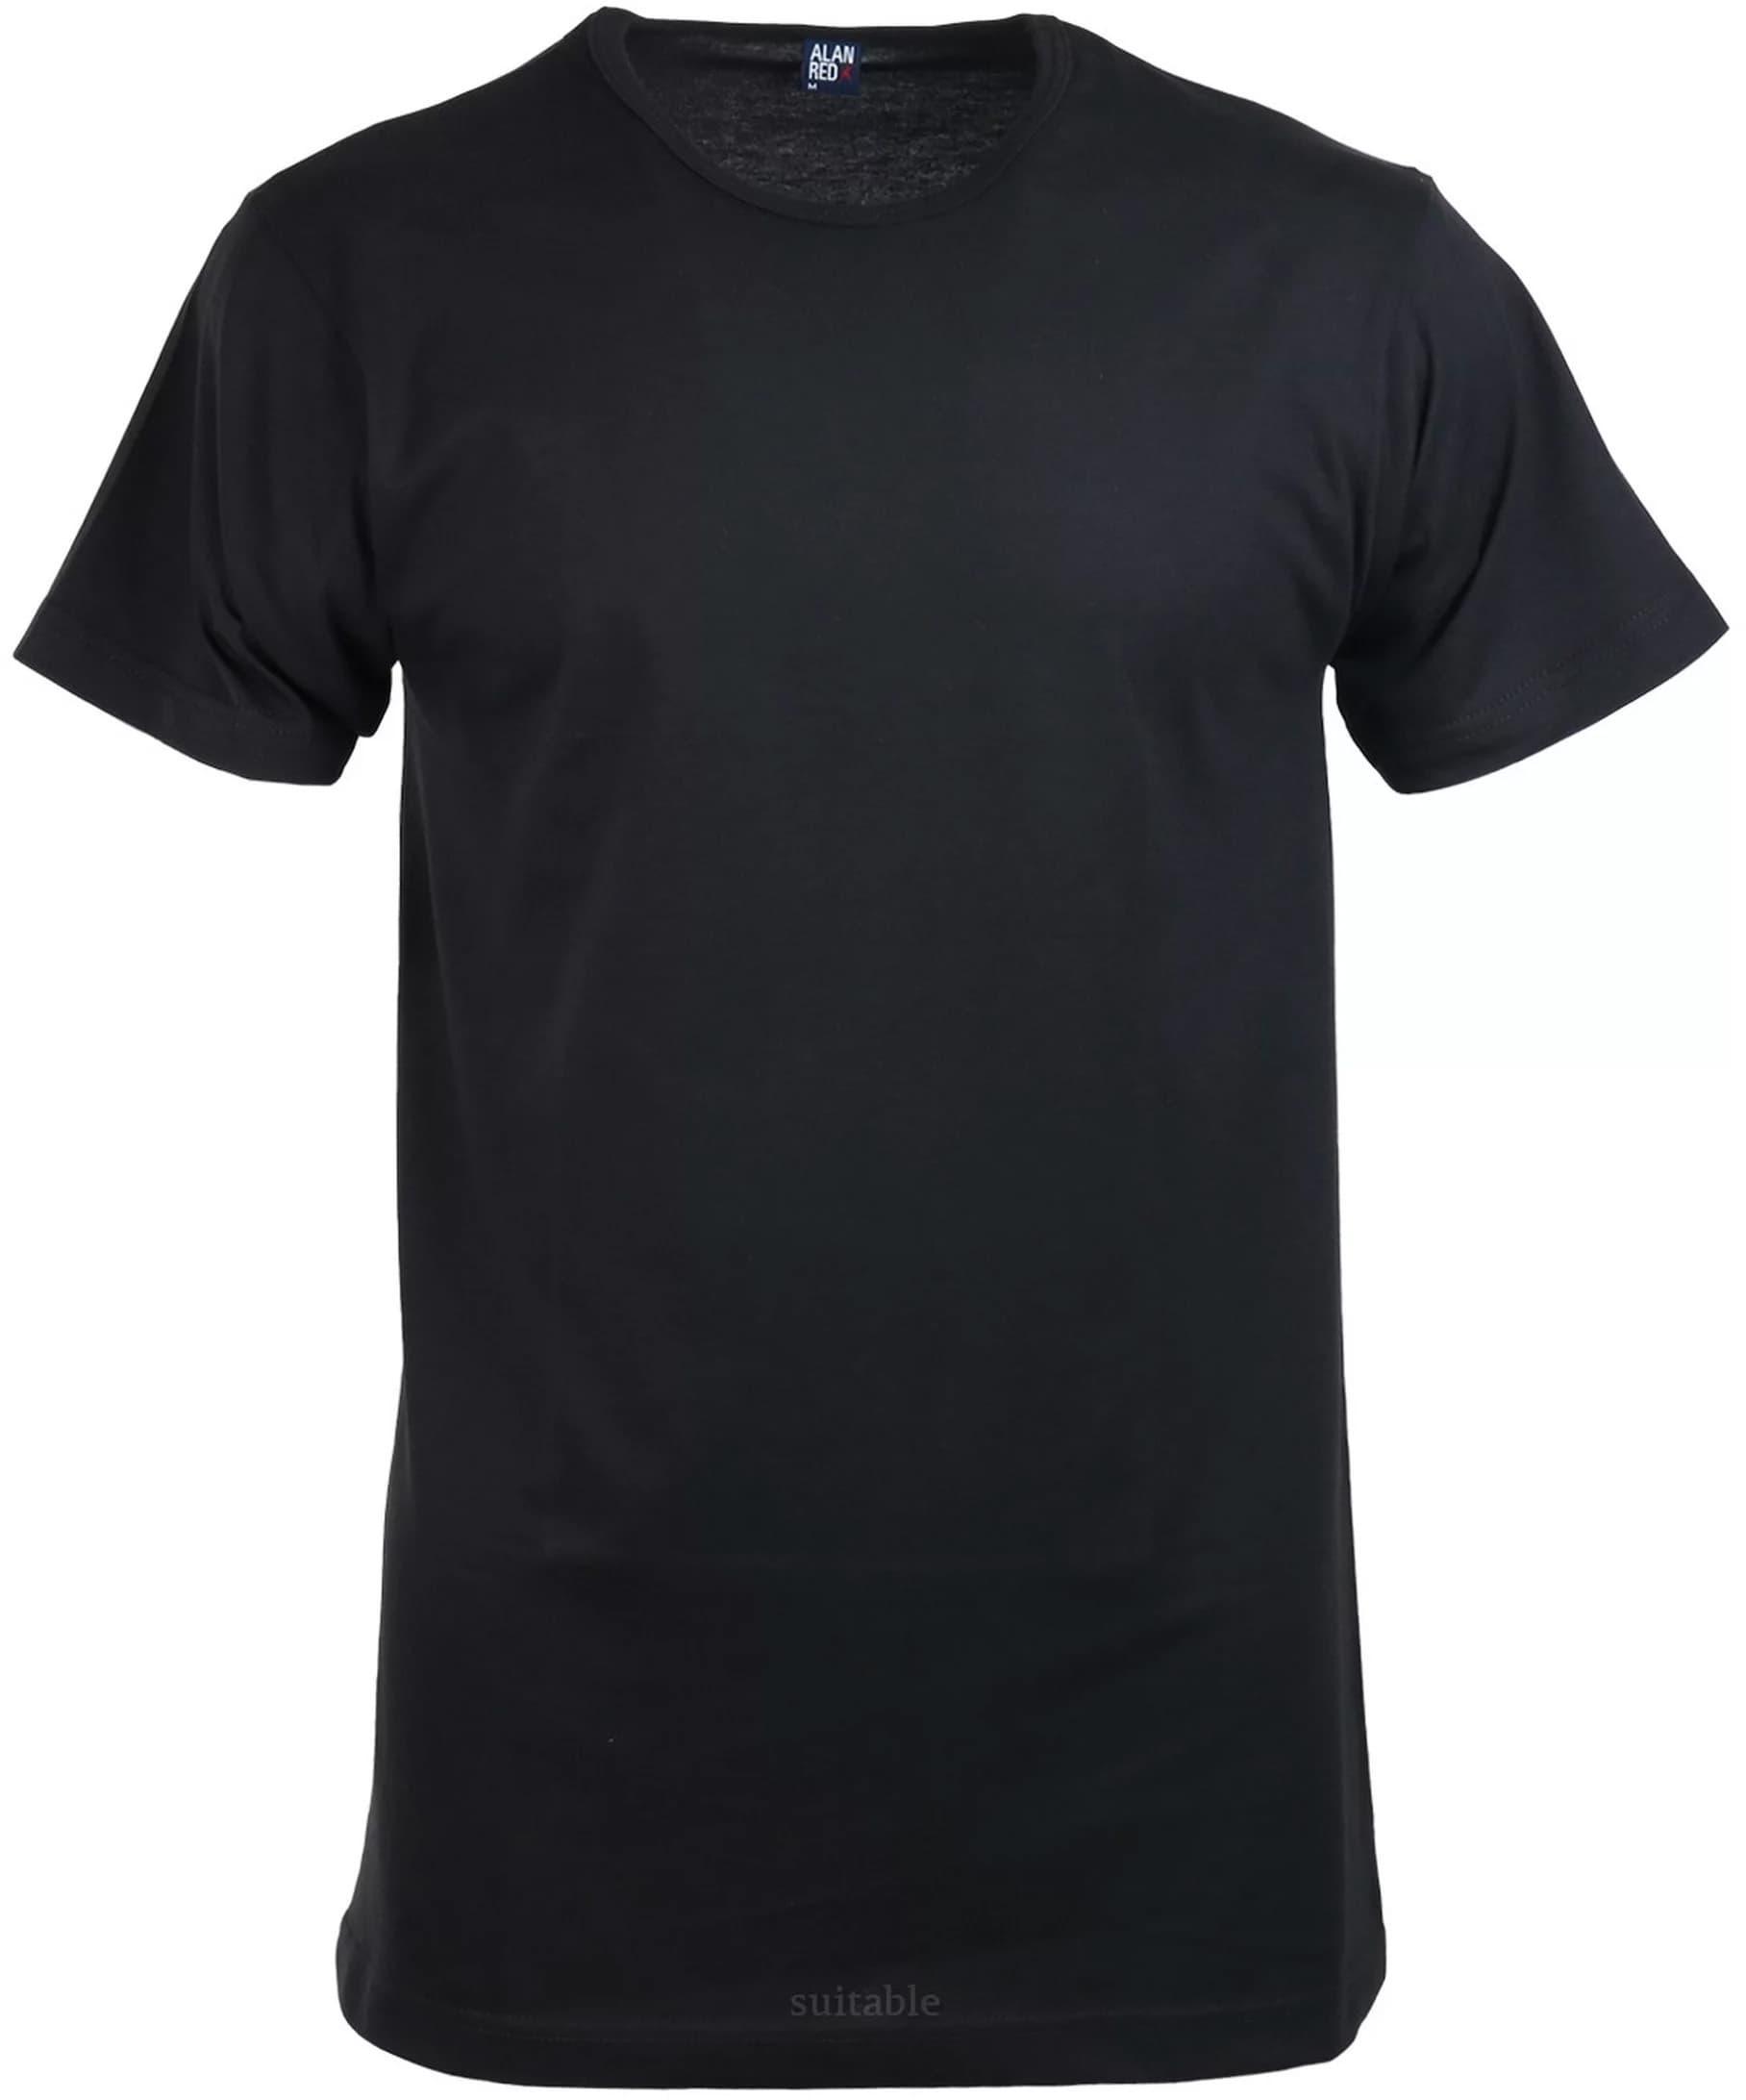 Alan Red Derby O-Neck T-shirt Black 1-Pack foto 0